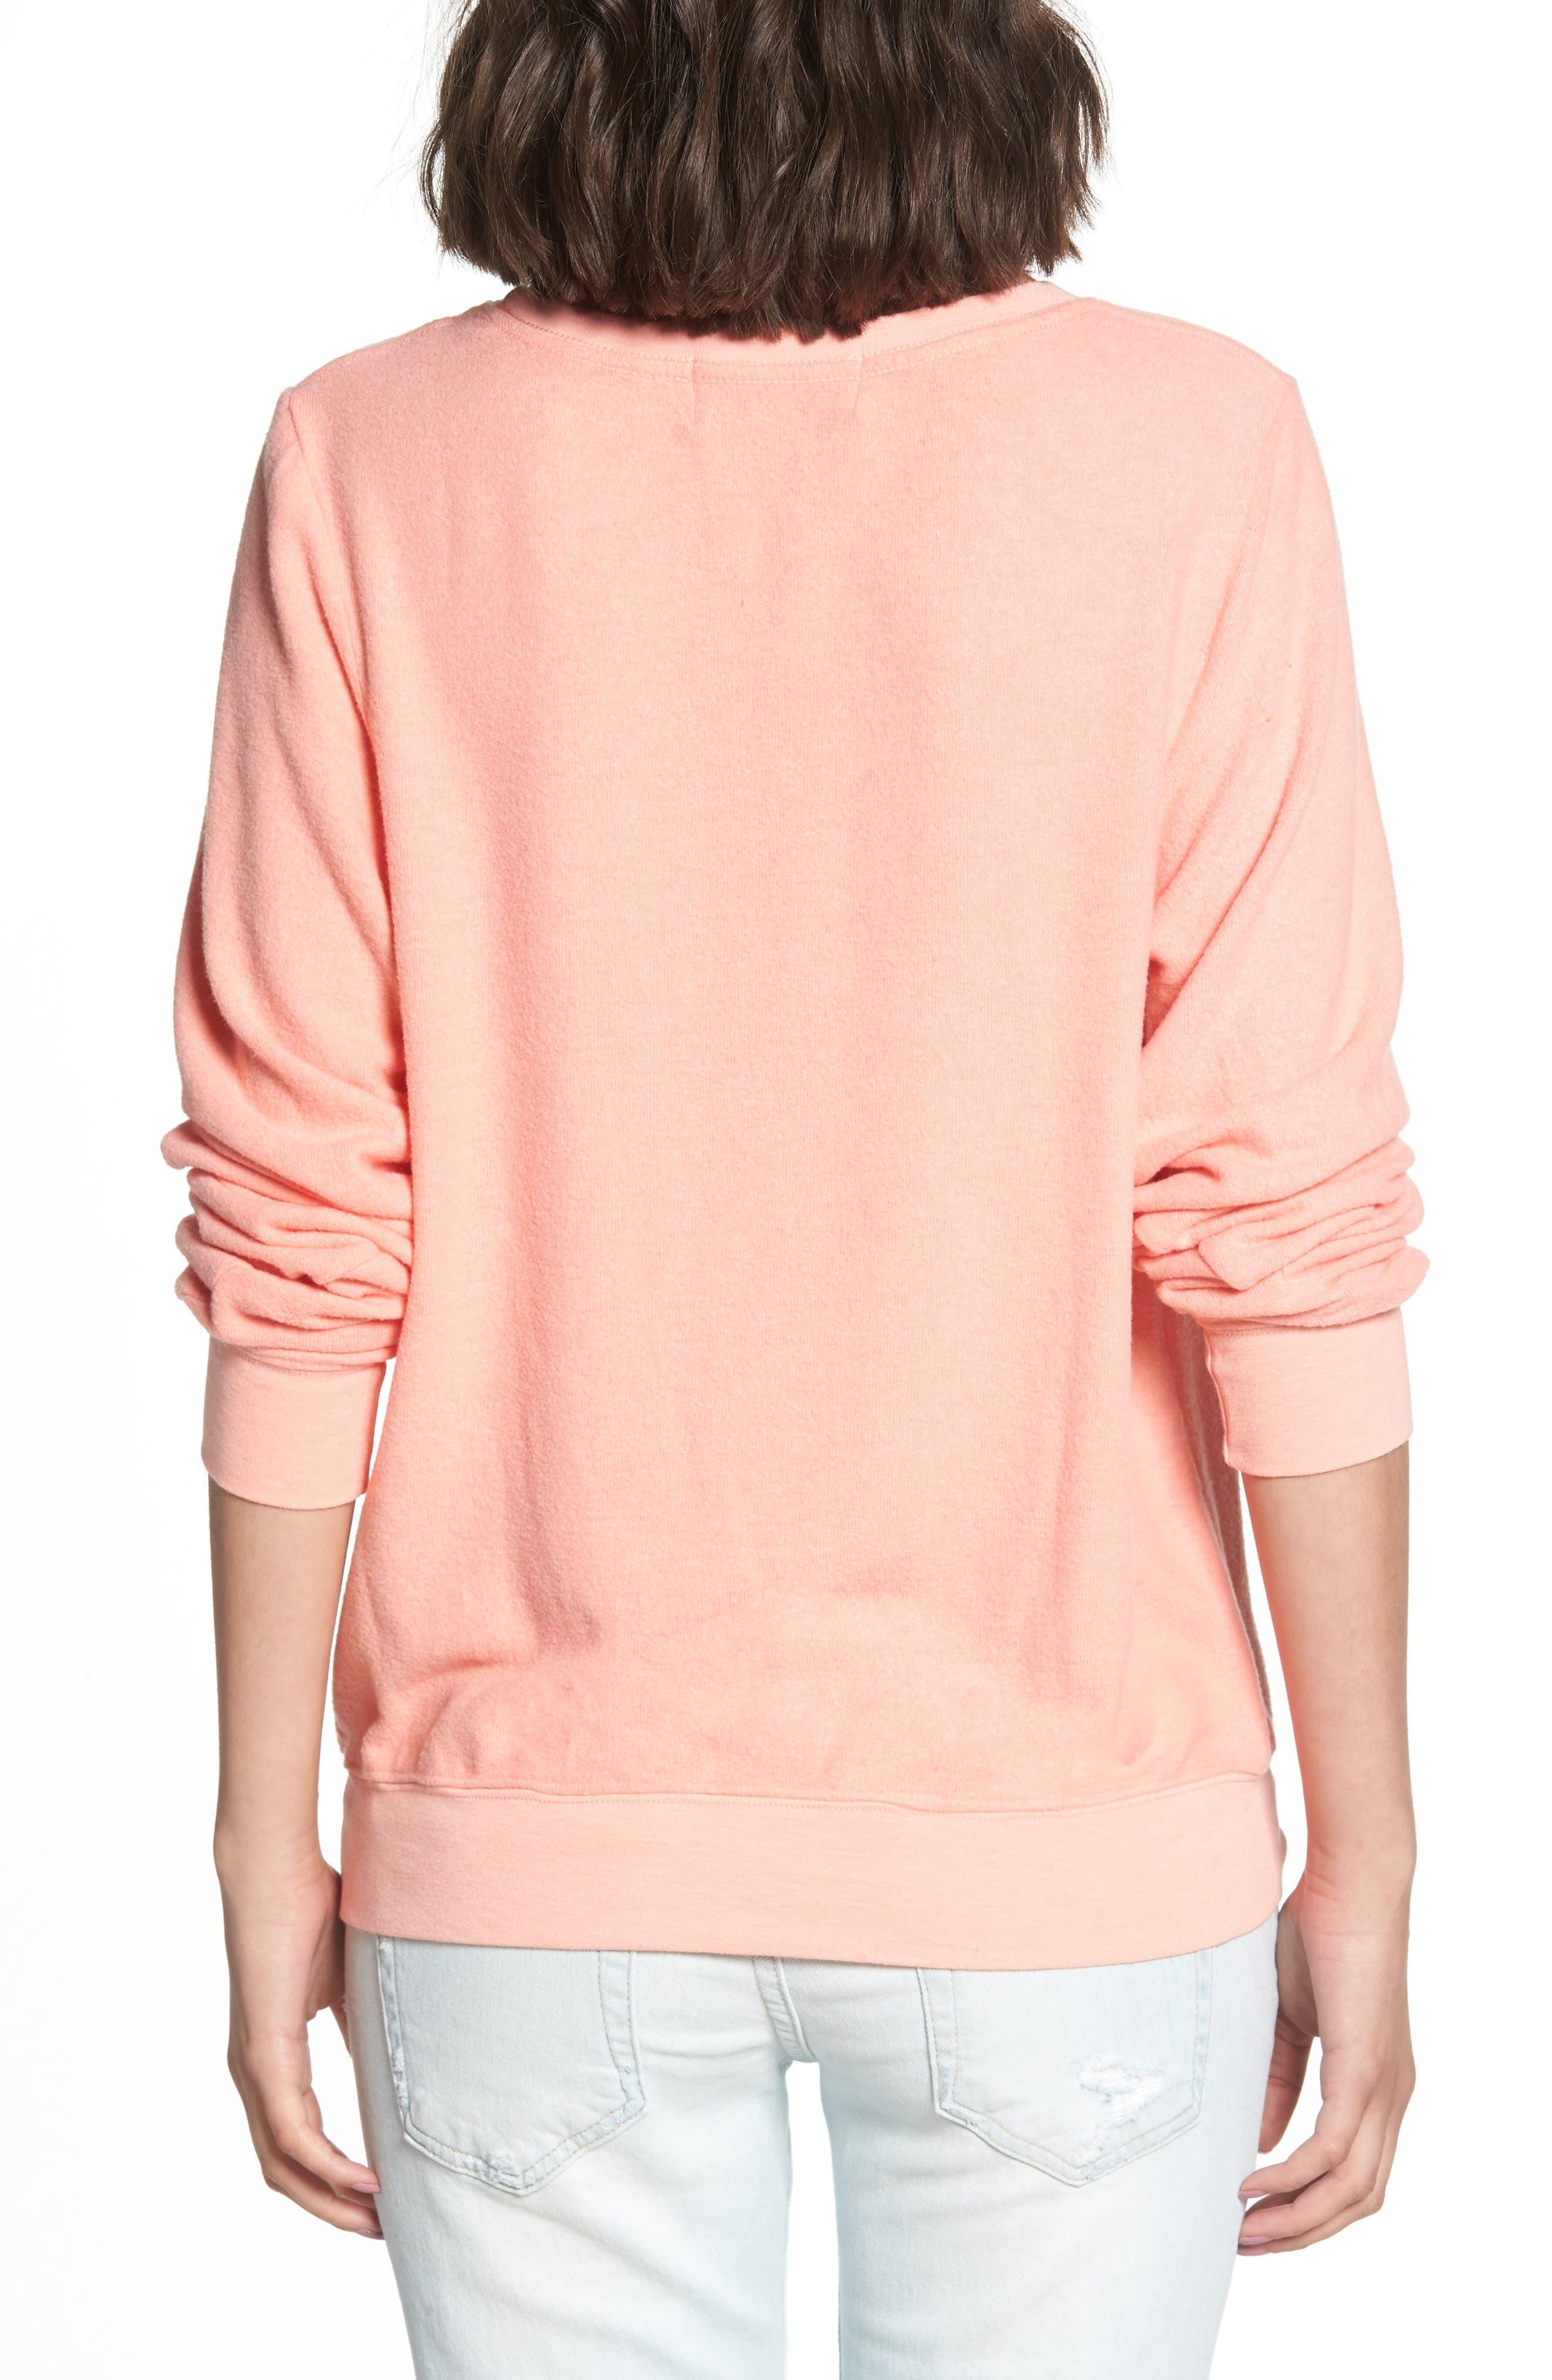 Rosé Glasses Beach Sweatshirt,                             Alternate thumbnail 2, color,                             950